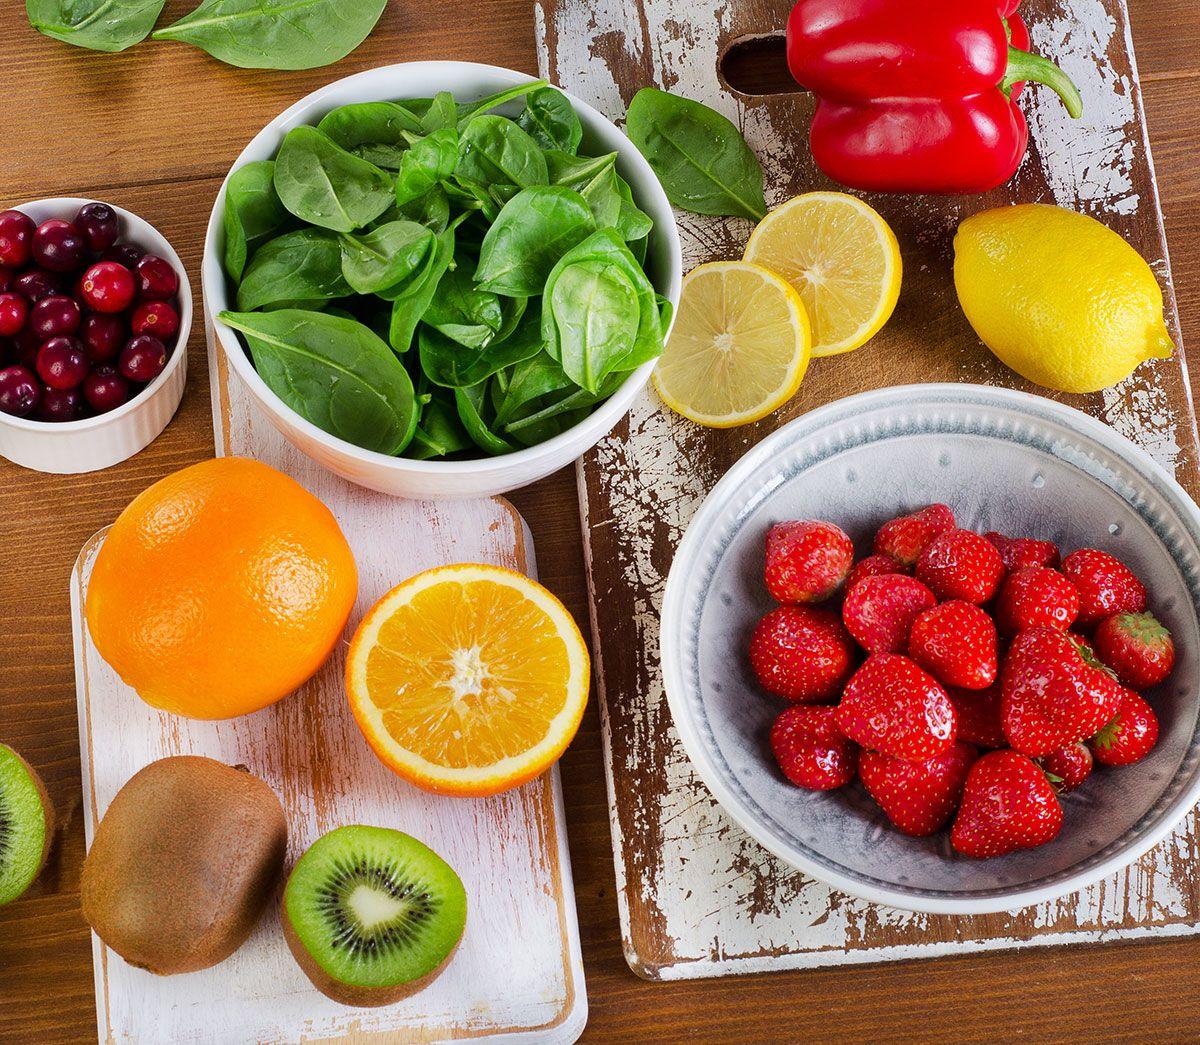 frutas e verduras variadas